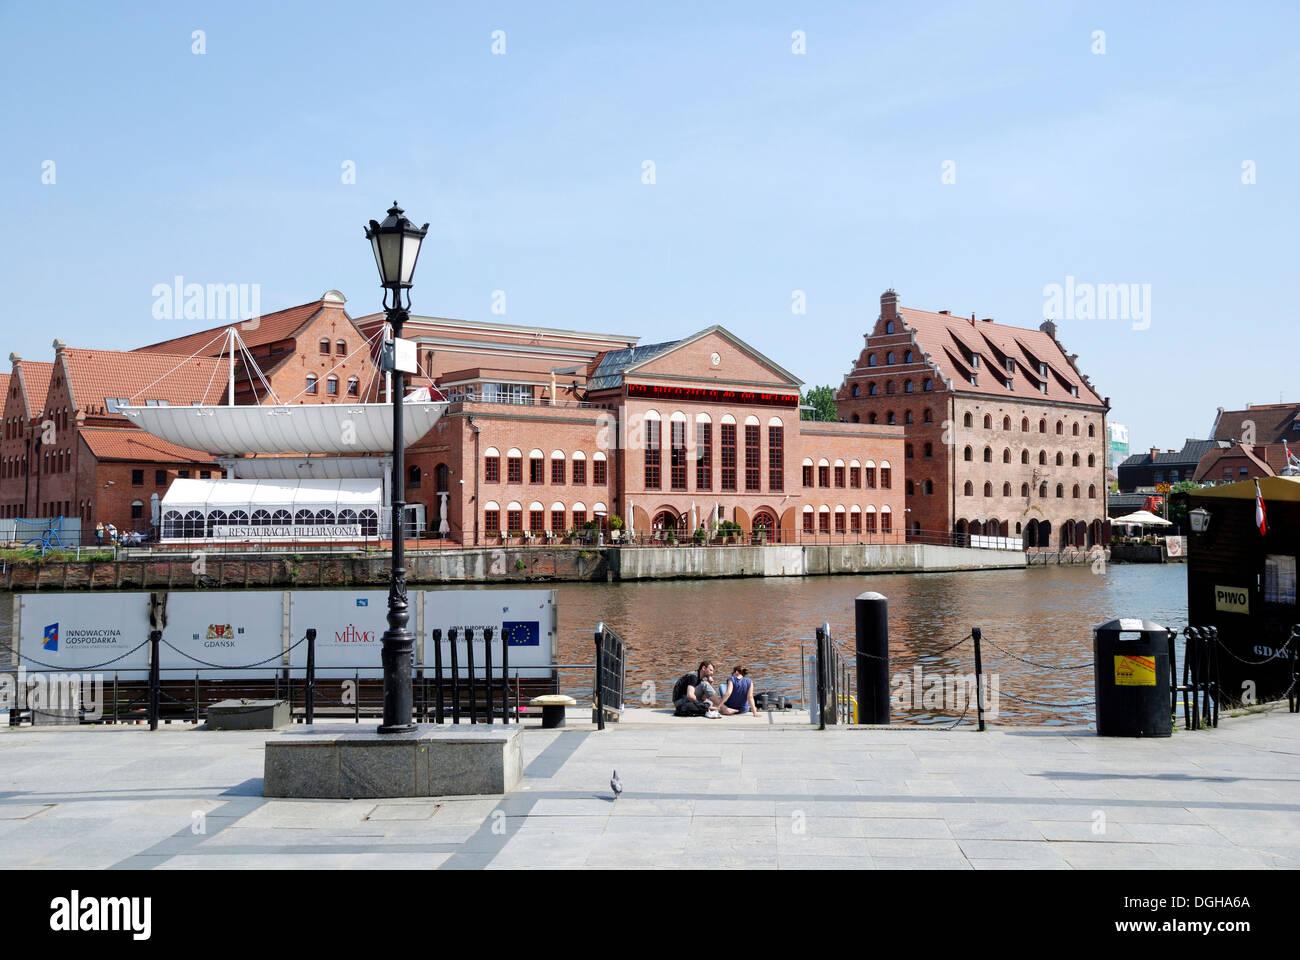 Orchestre Philharmonique Baltique polonaise sur la région de Motlawa Gdansk - Polska Filharmonia Baltycka. Banque D'Images